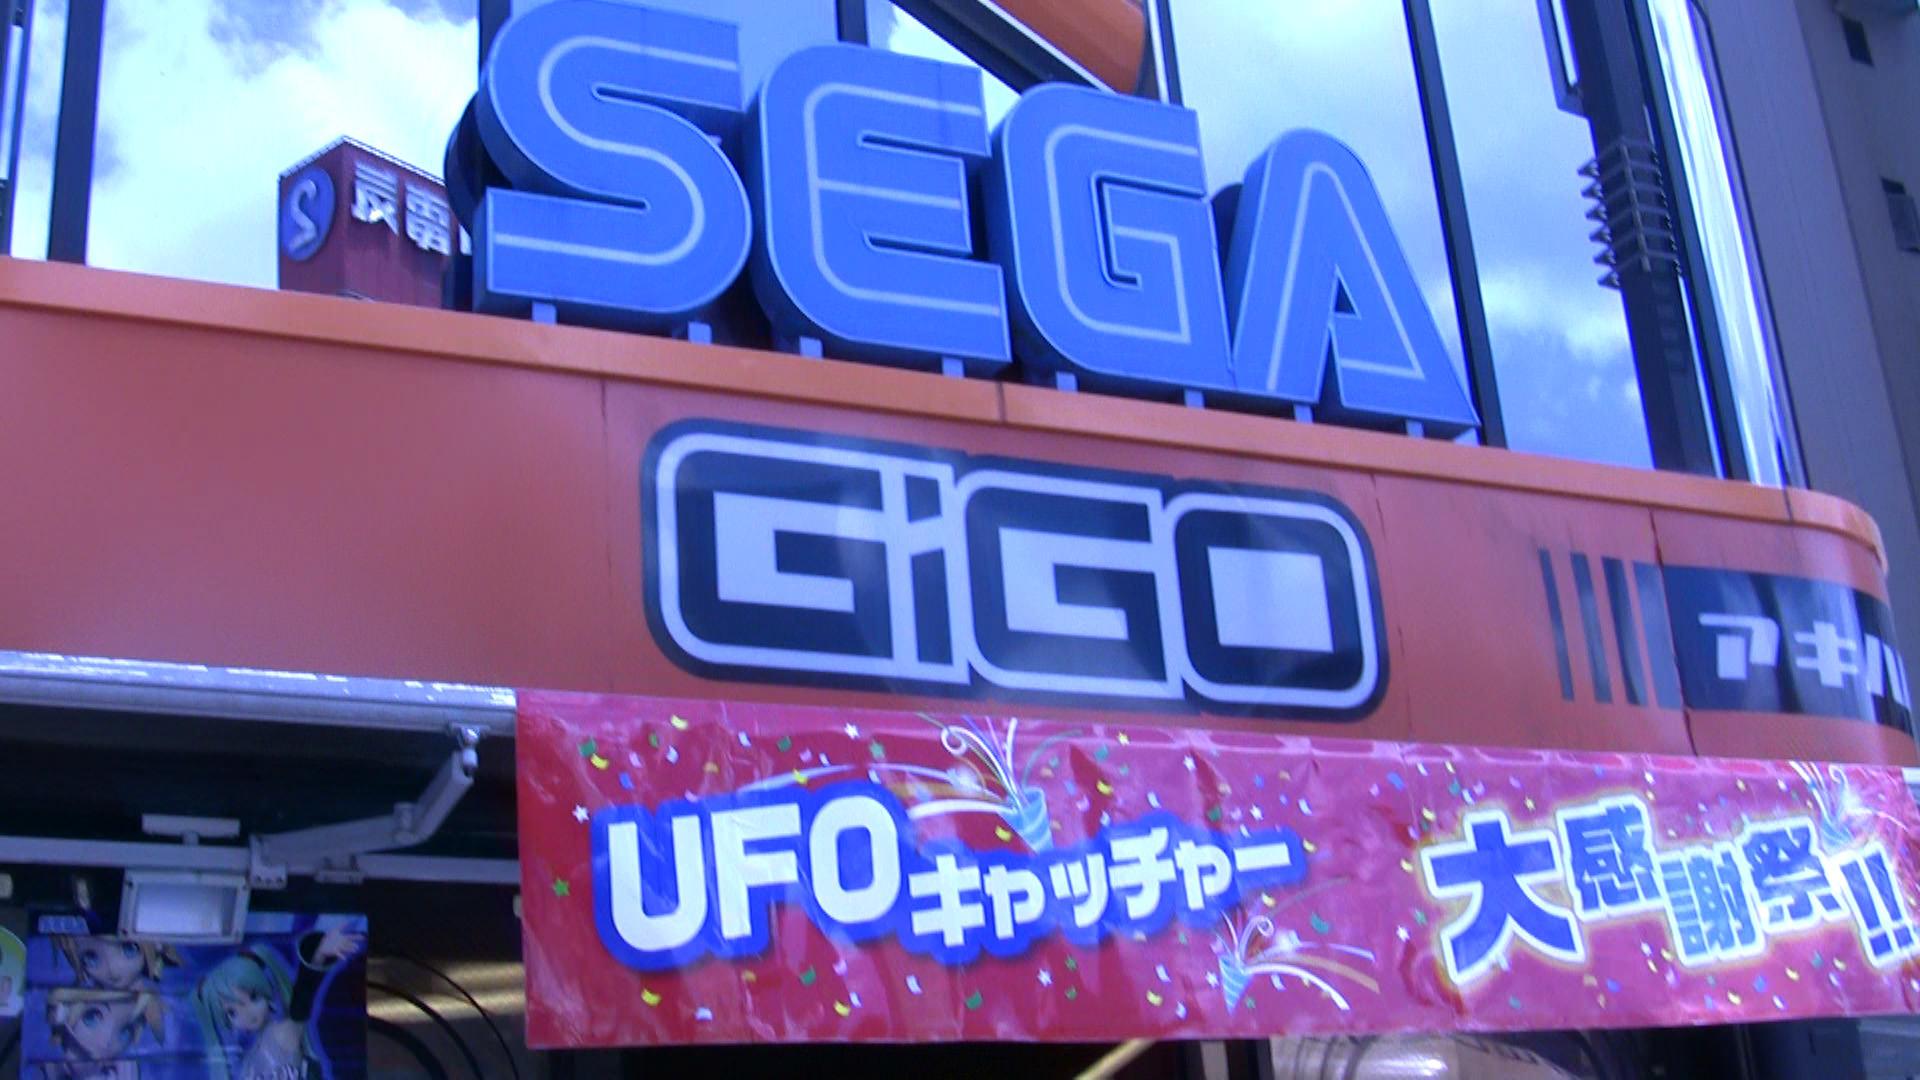 A picture I took of the exterior of Akihabara's SEGA GiGO arcade.